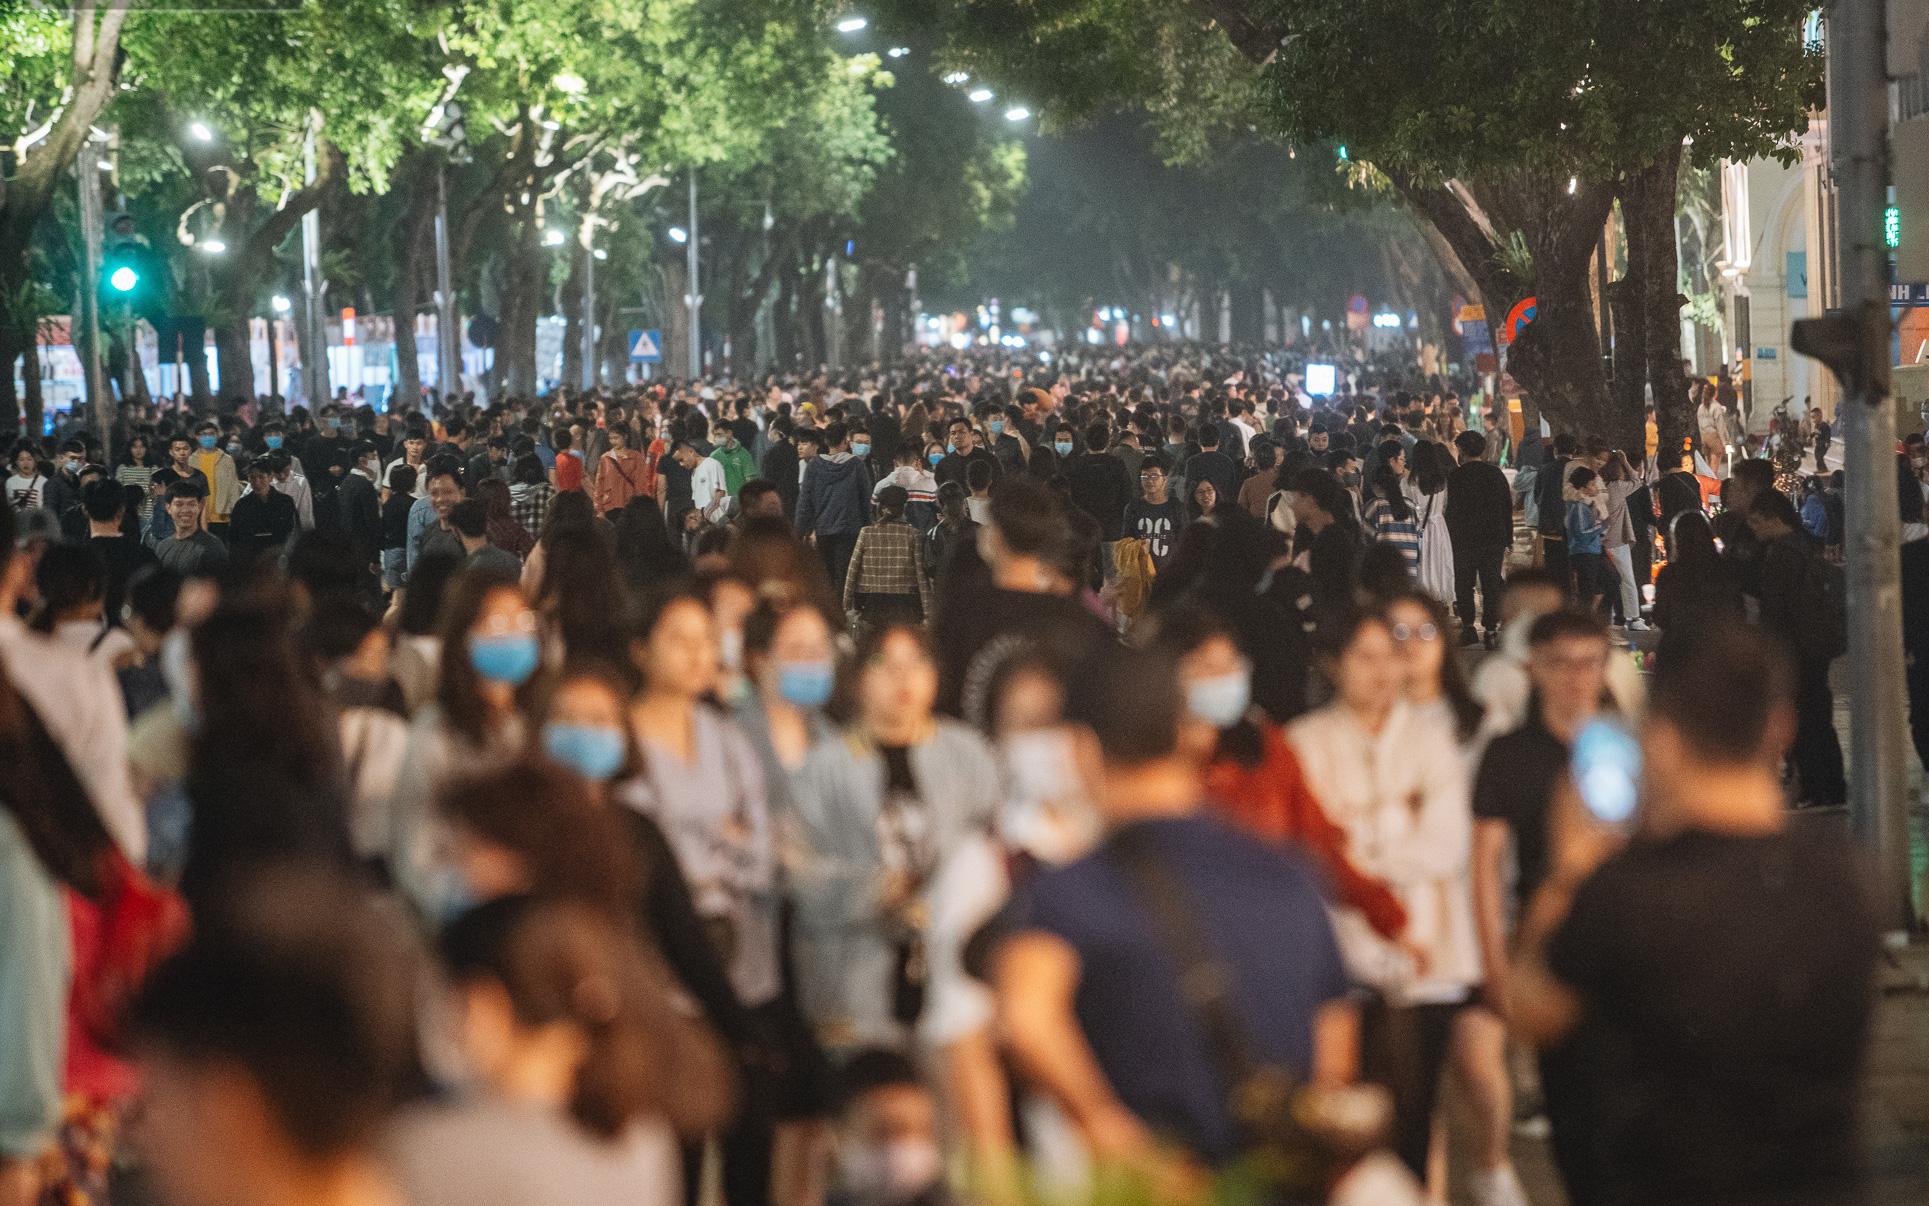 Ảnh: Trời se lạnh tuyệt đẹp trong ngày cuối tuần, người Hà Nội đổ xô lên phố đi bộ vui chơi